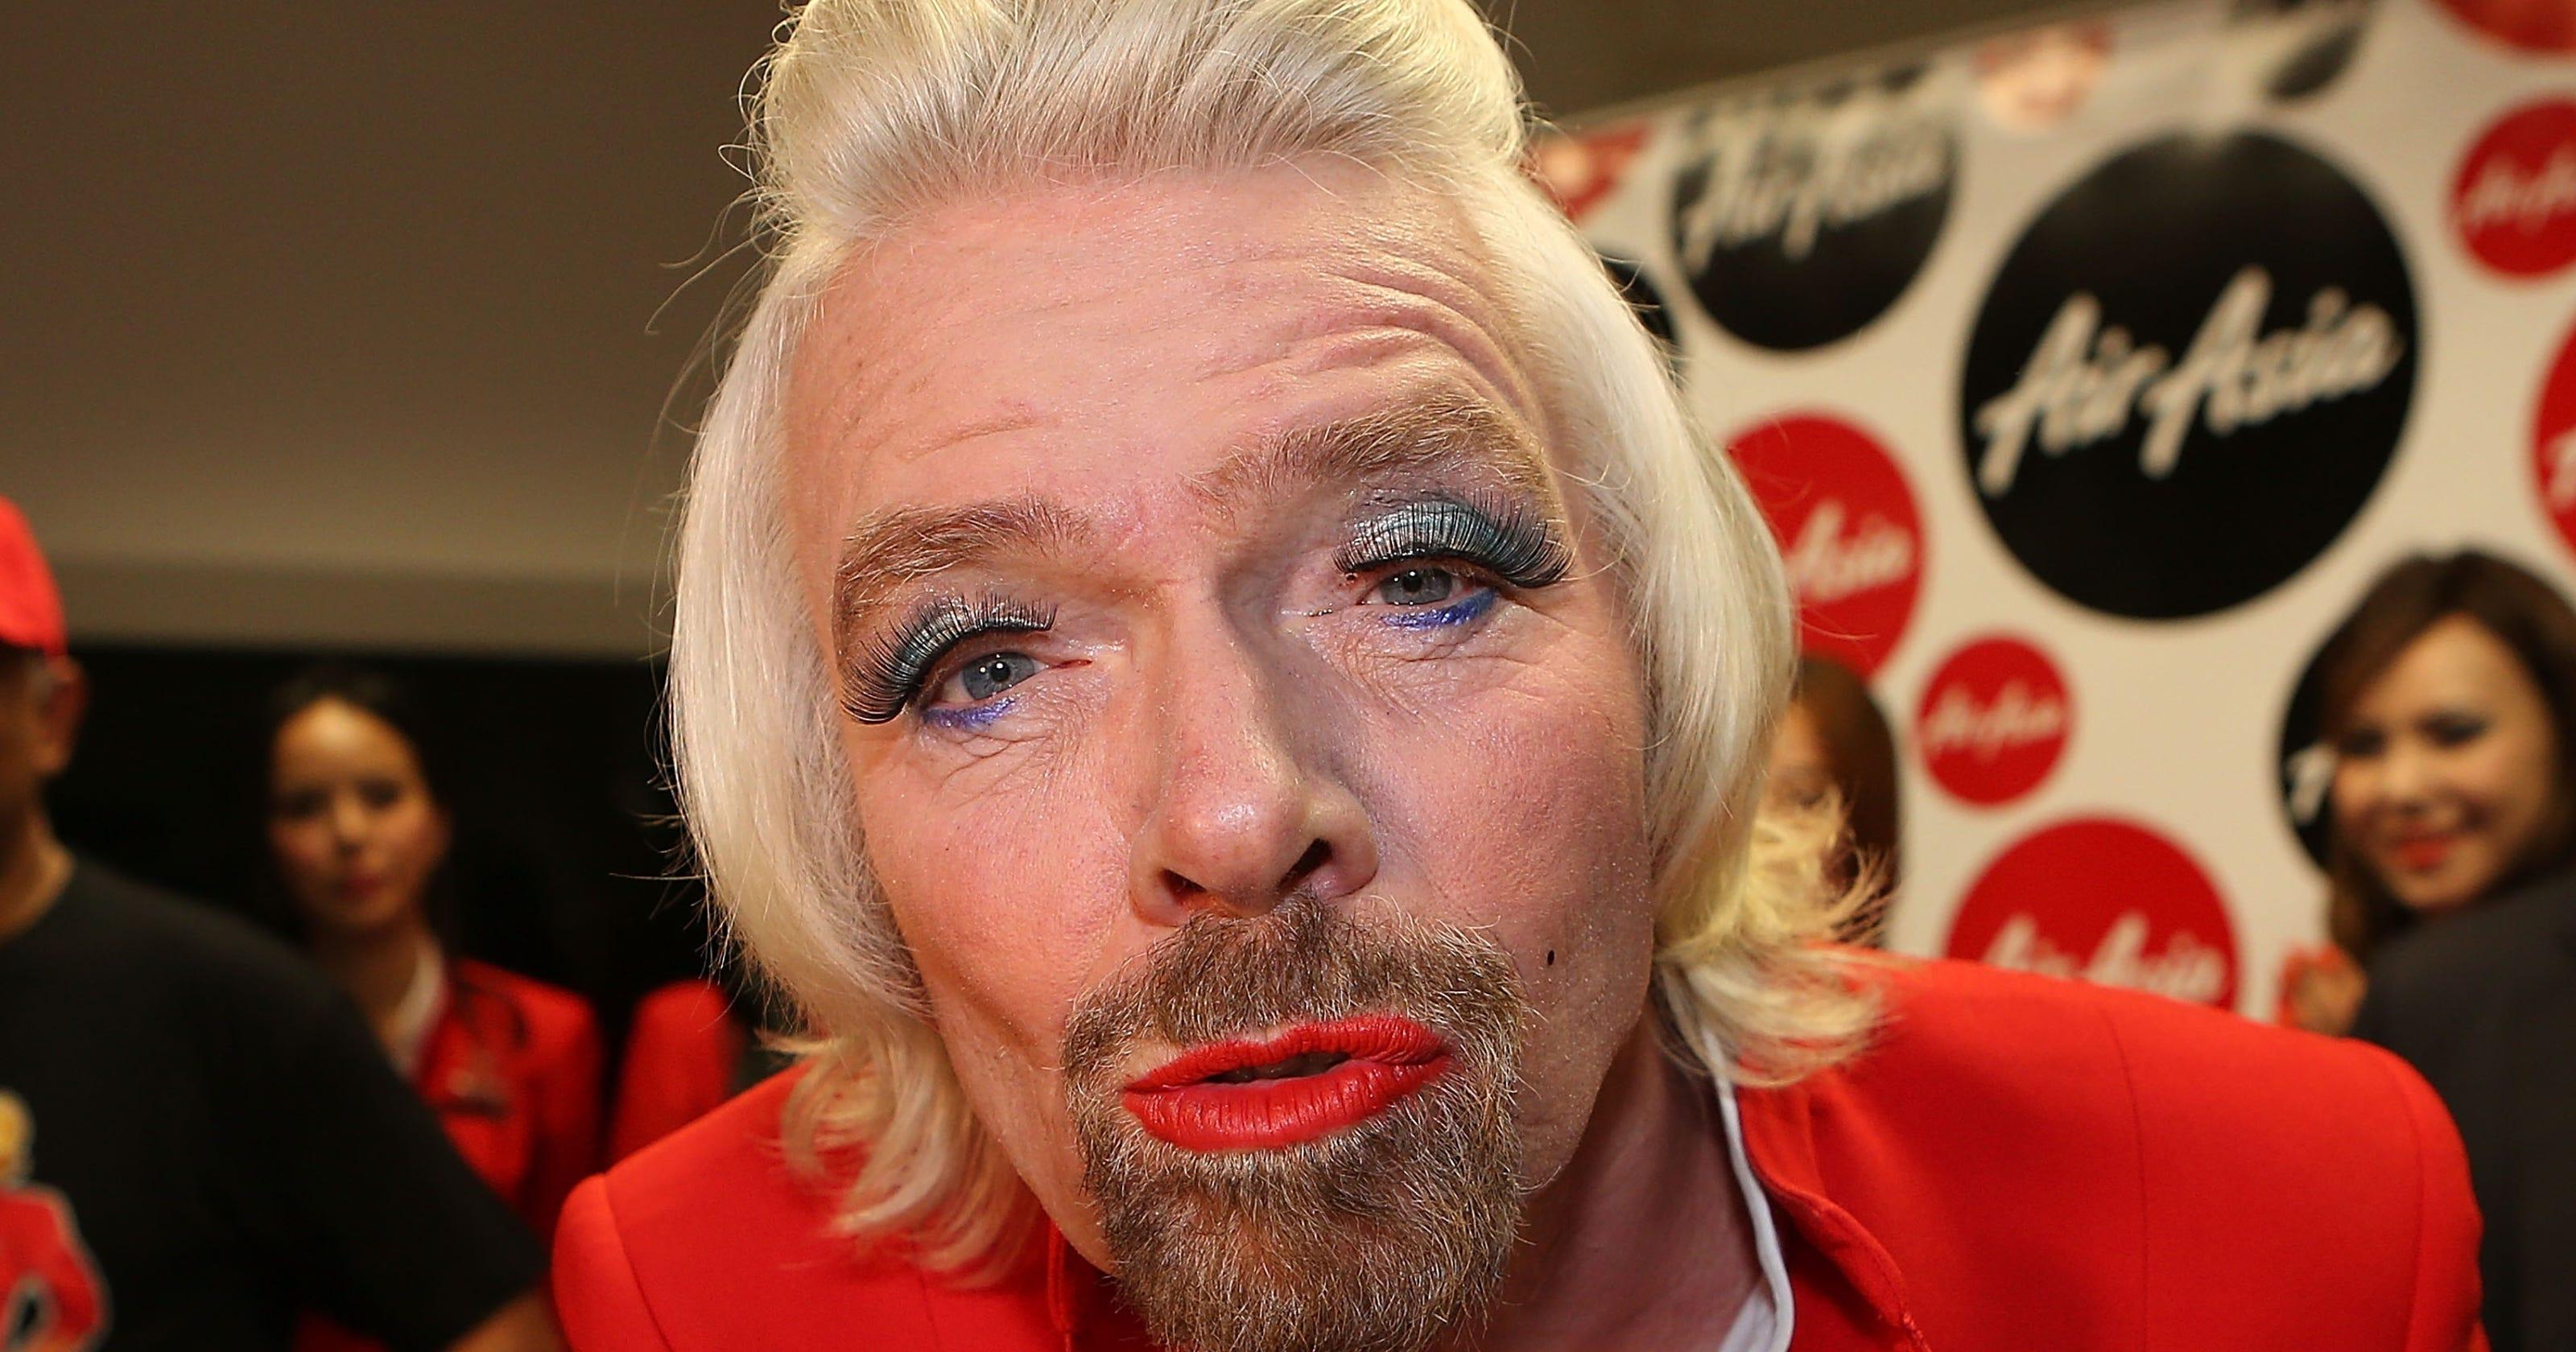 Virgin's Richard Branson loses bet, serves fliers in drag